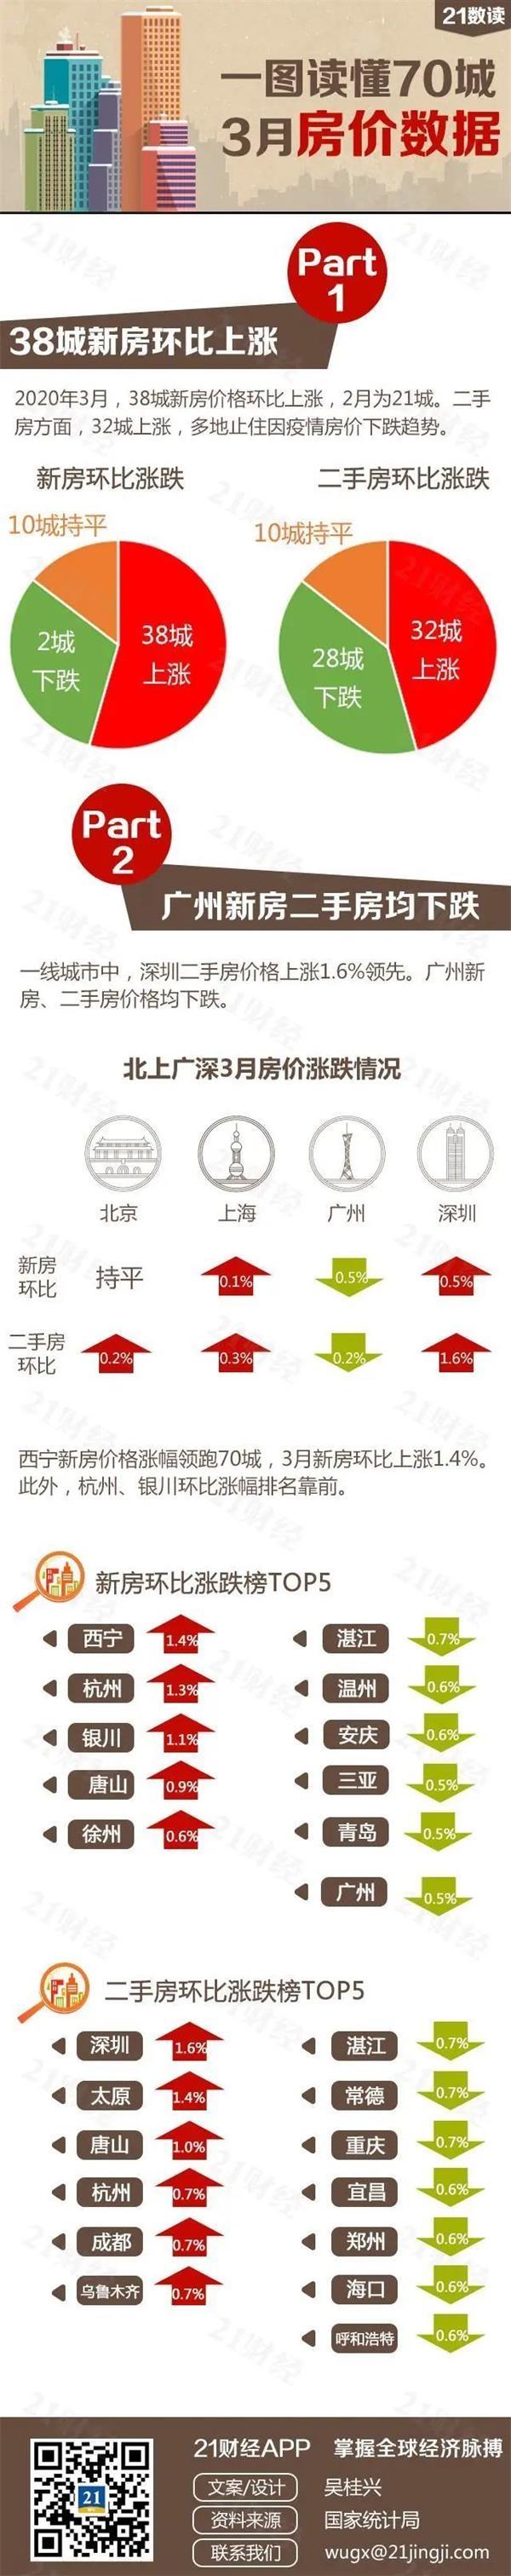 图解3月70城房价:深圳二手房涨幅重回第一 这个城市无成交(各地新政一览)